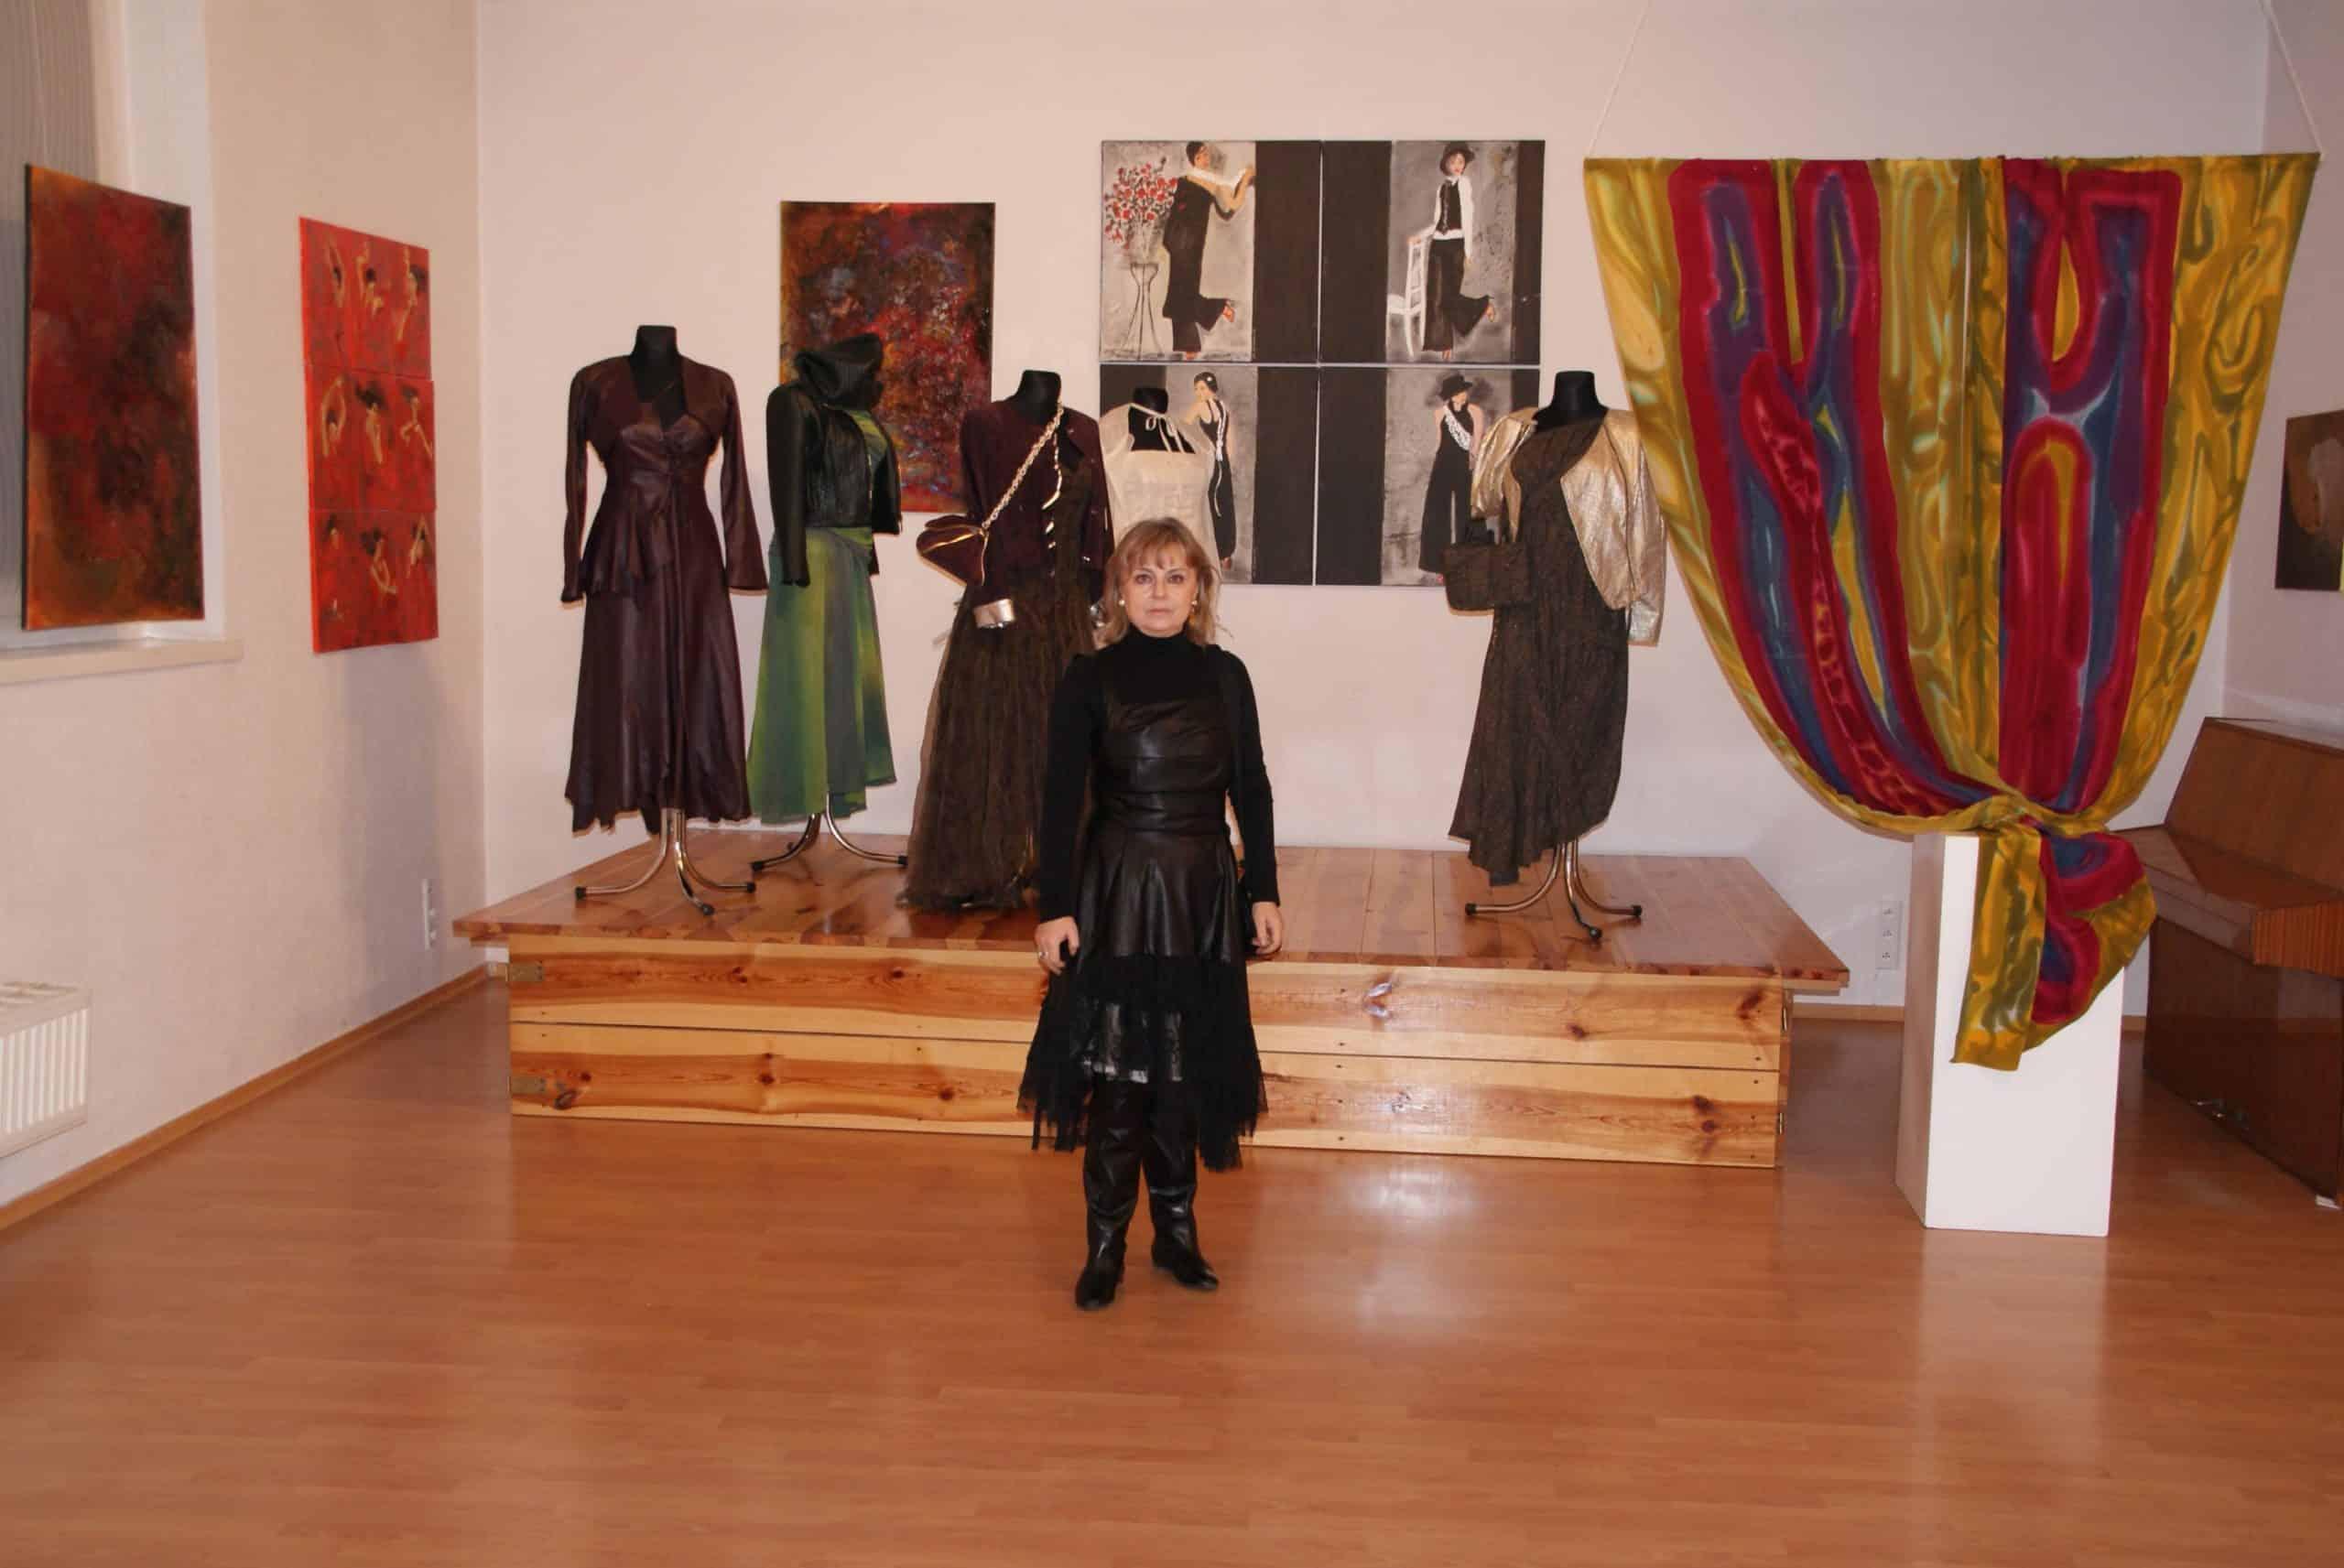 Dusza kobiety – w roli głównej Małgorzata Rynarzewska